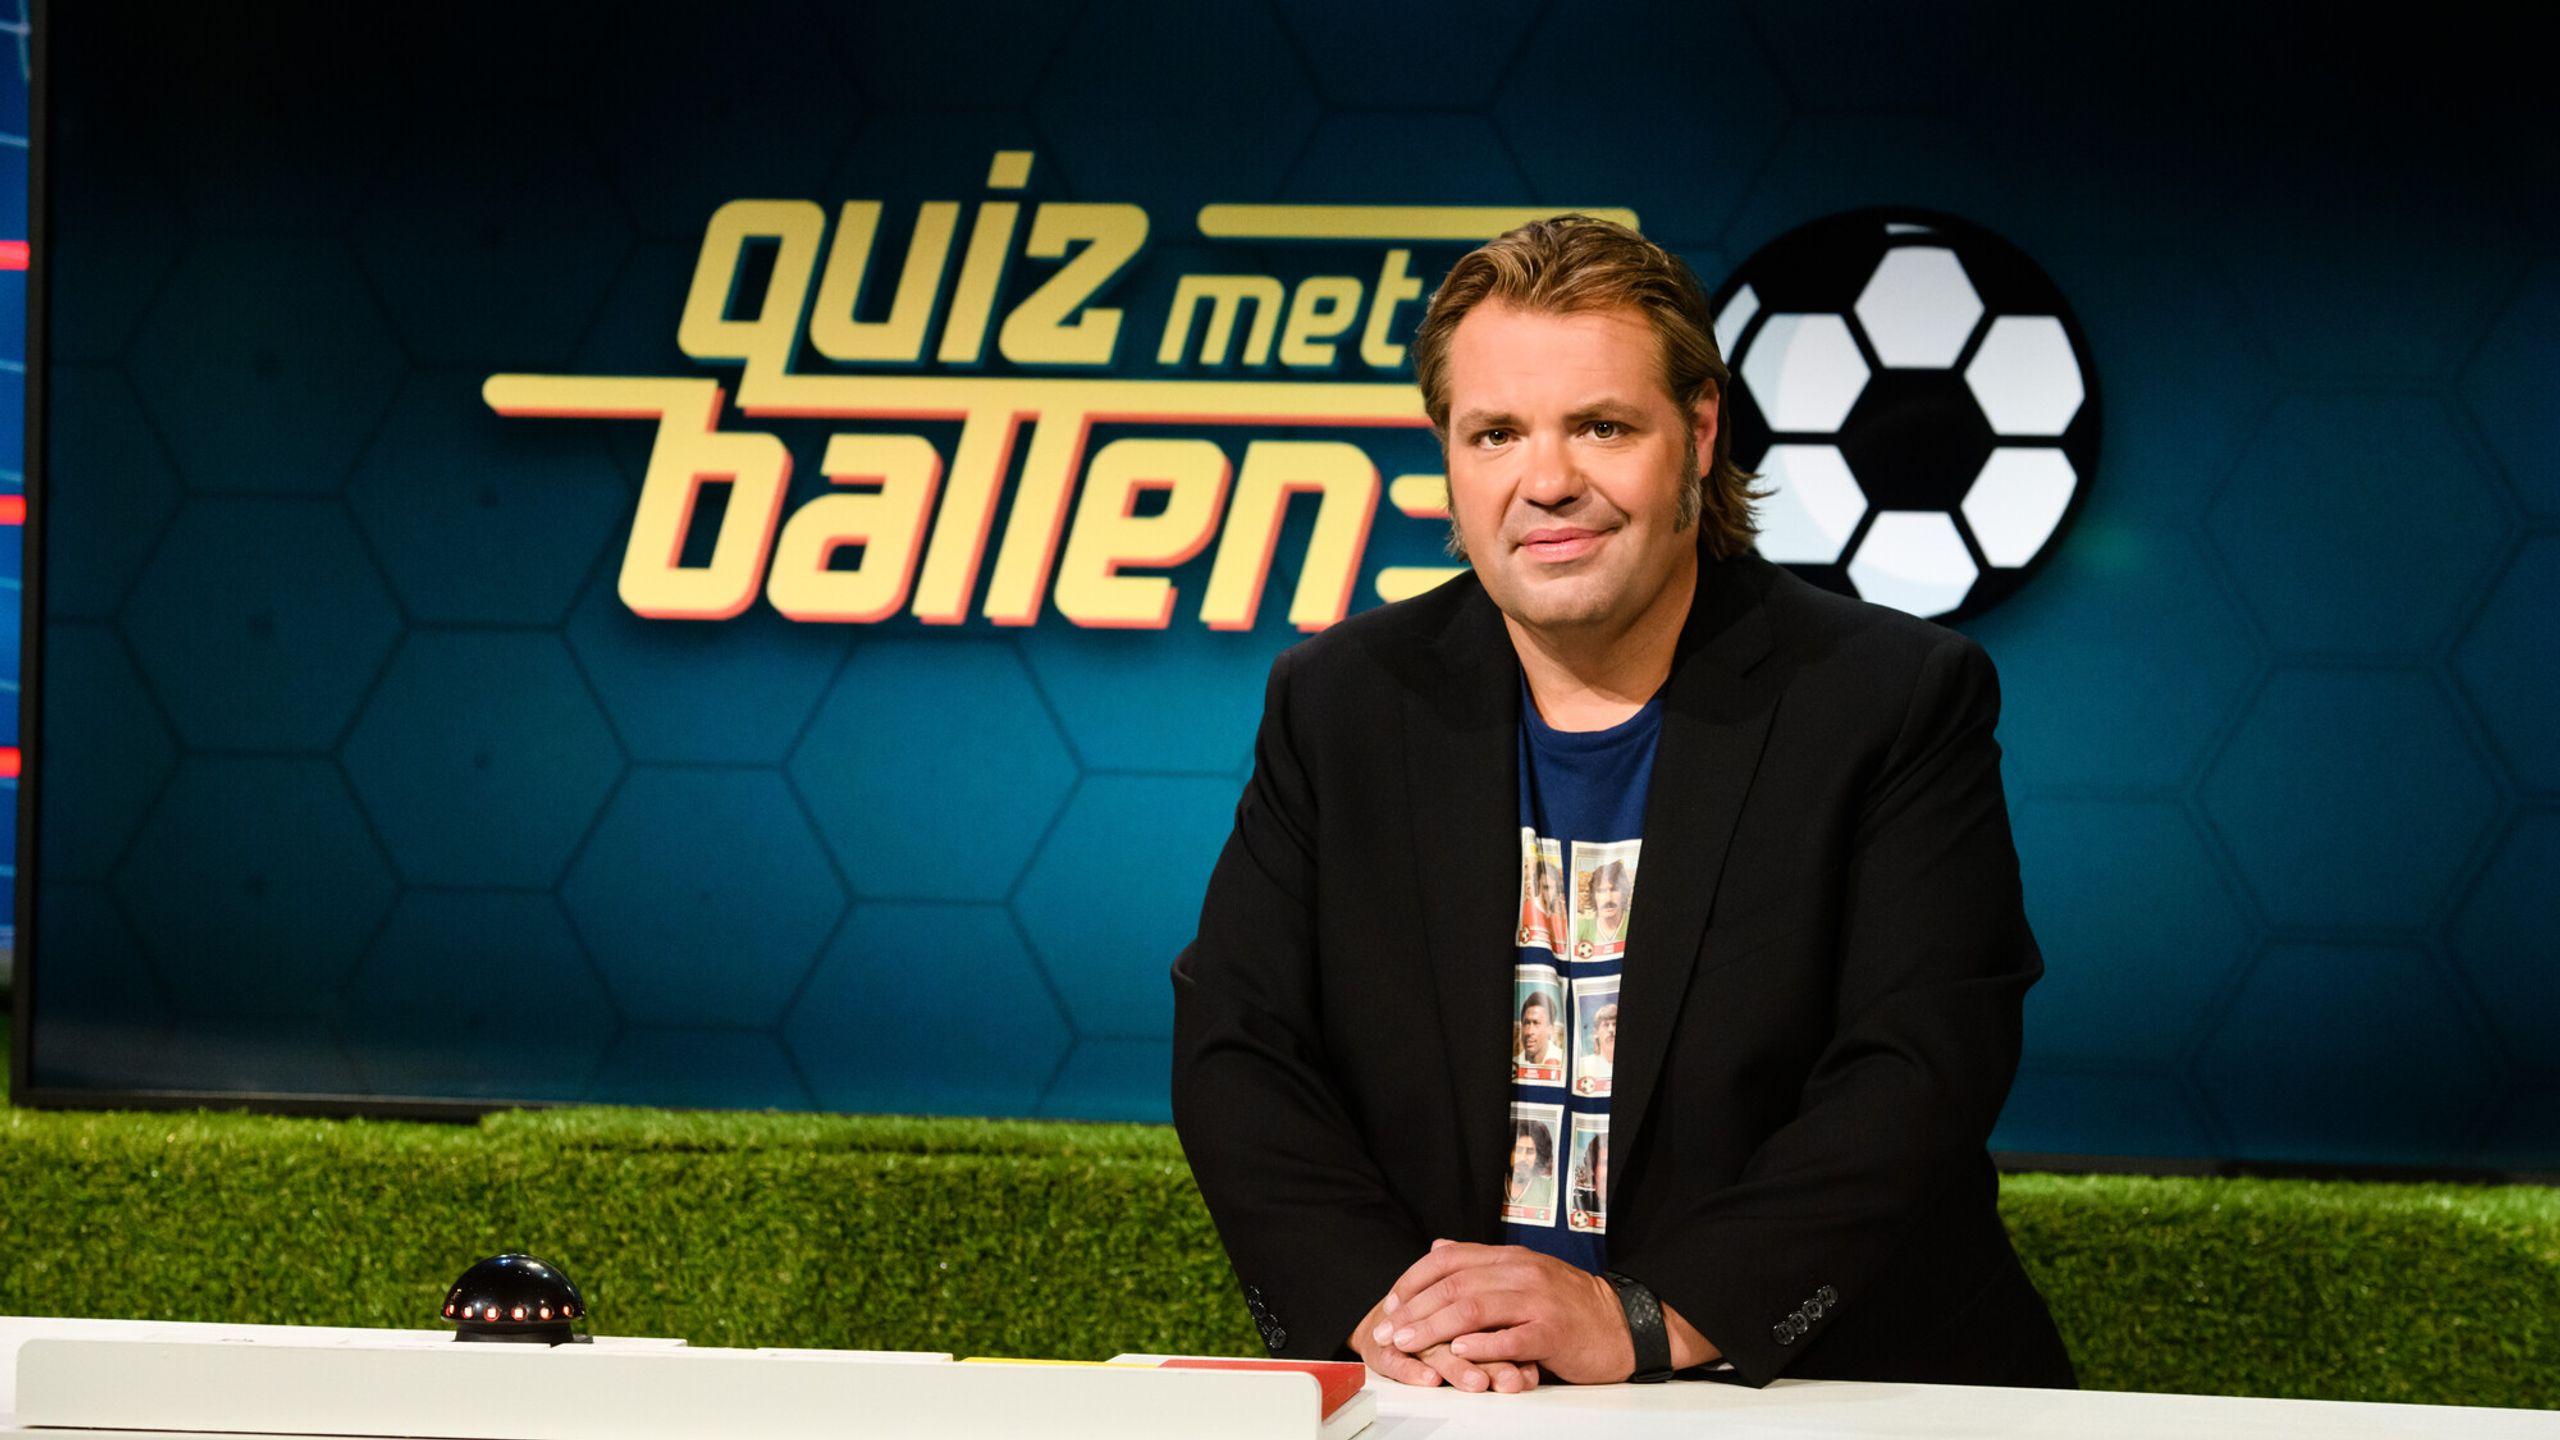 Quiz met Ballen